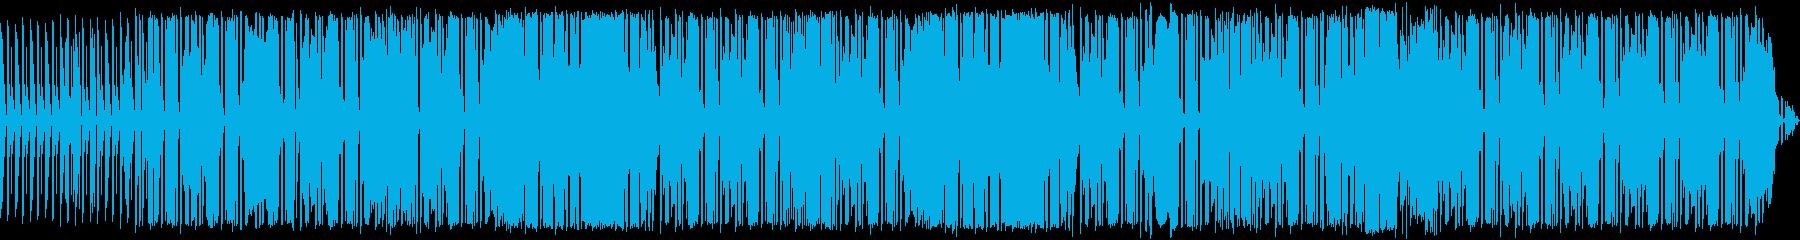 可愛いリズミカルなブルースの再生済みの波形